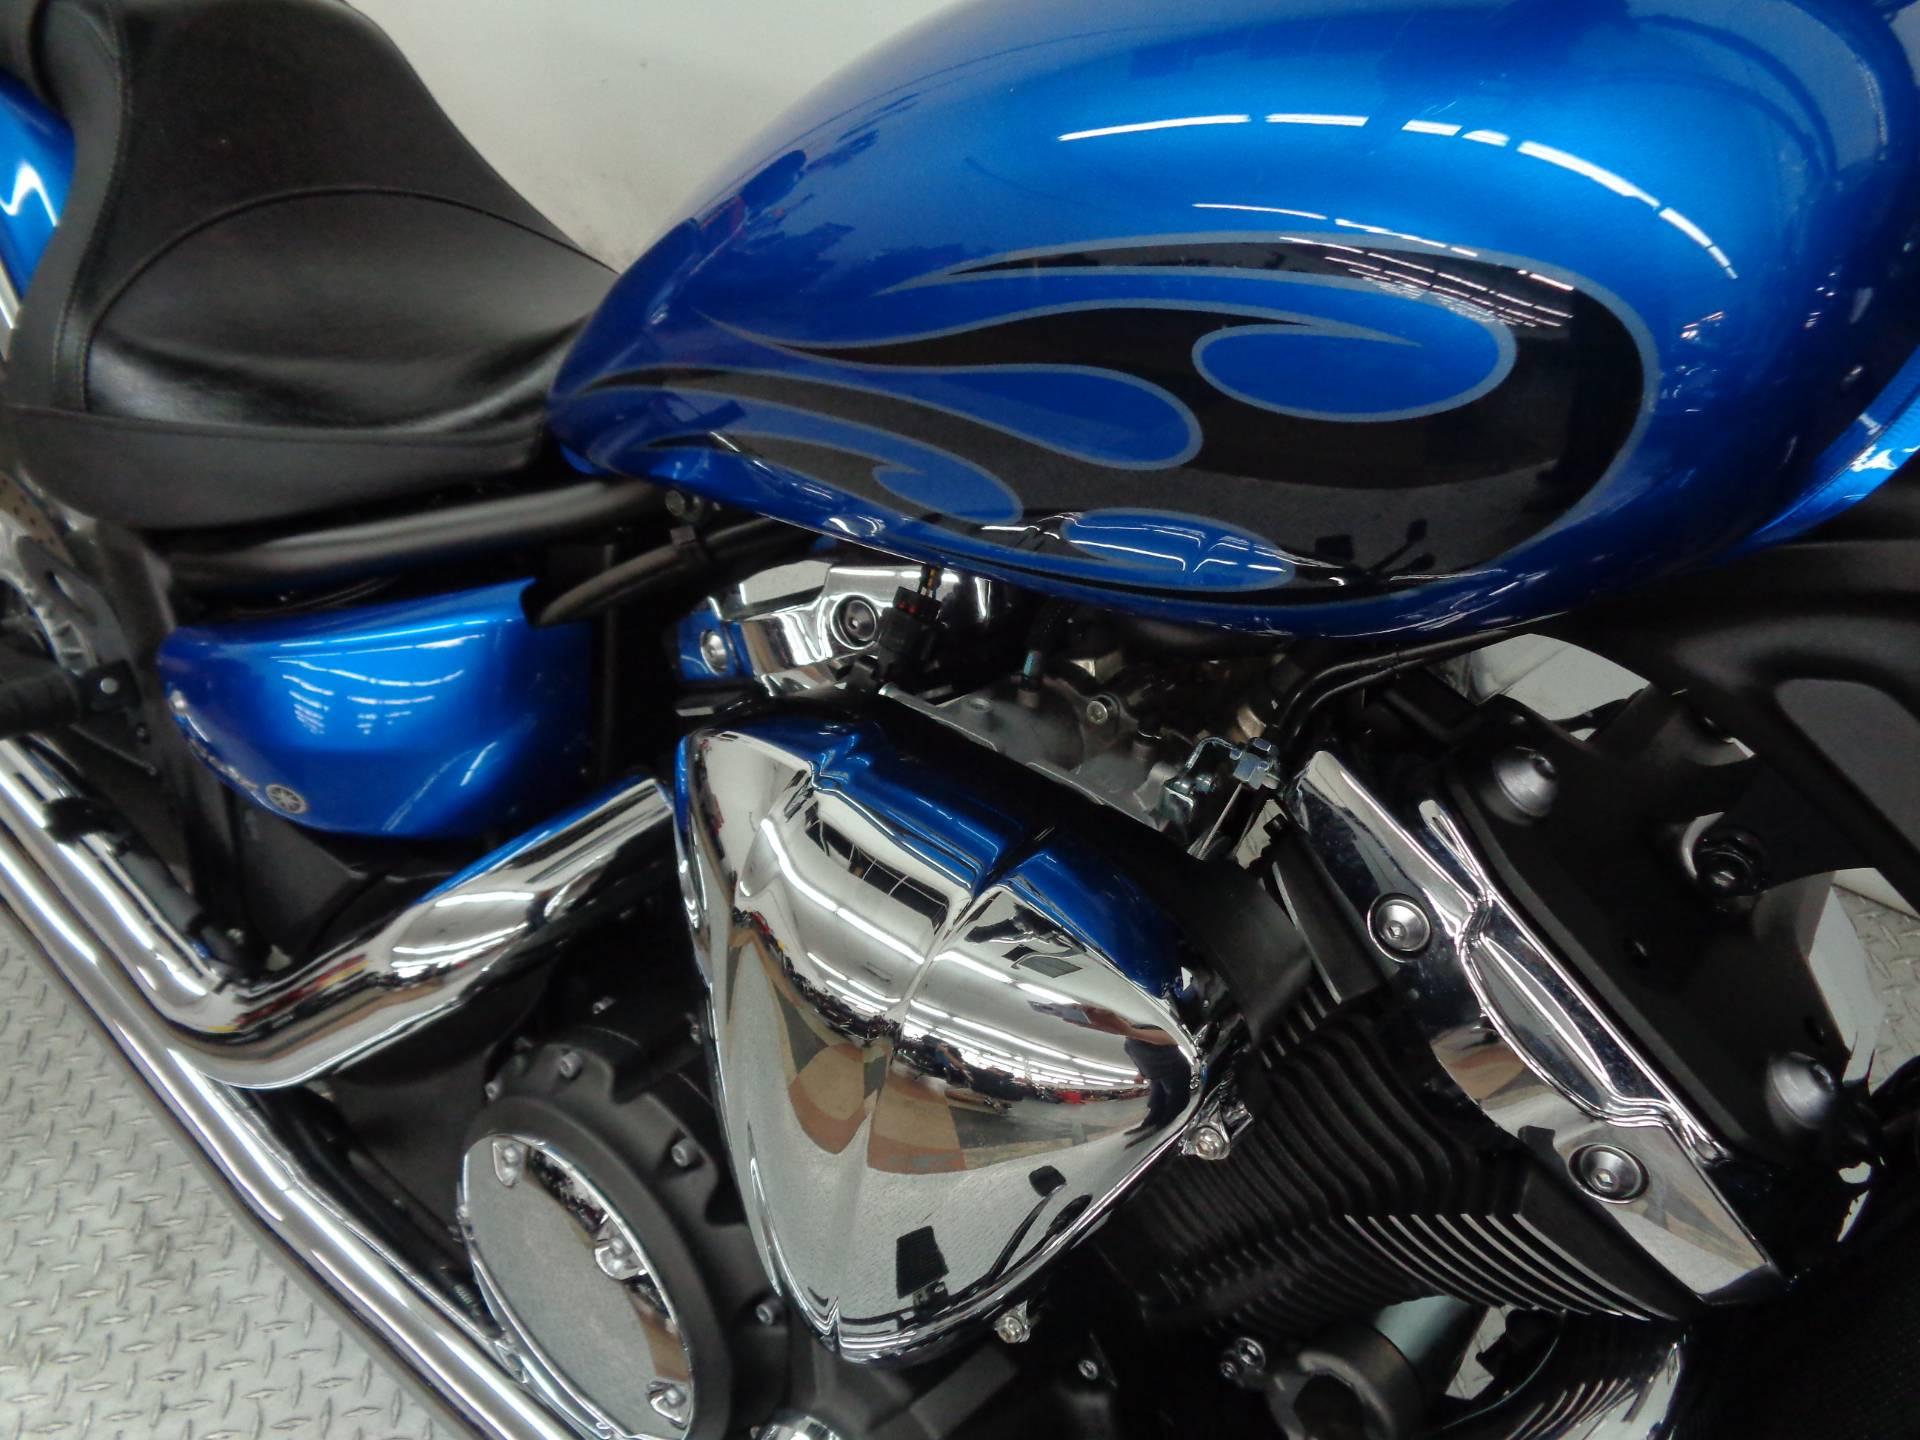 2011 Yamaha Stryker 9